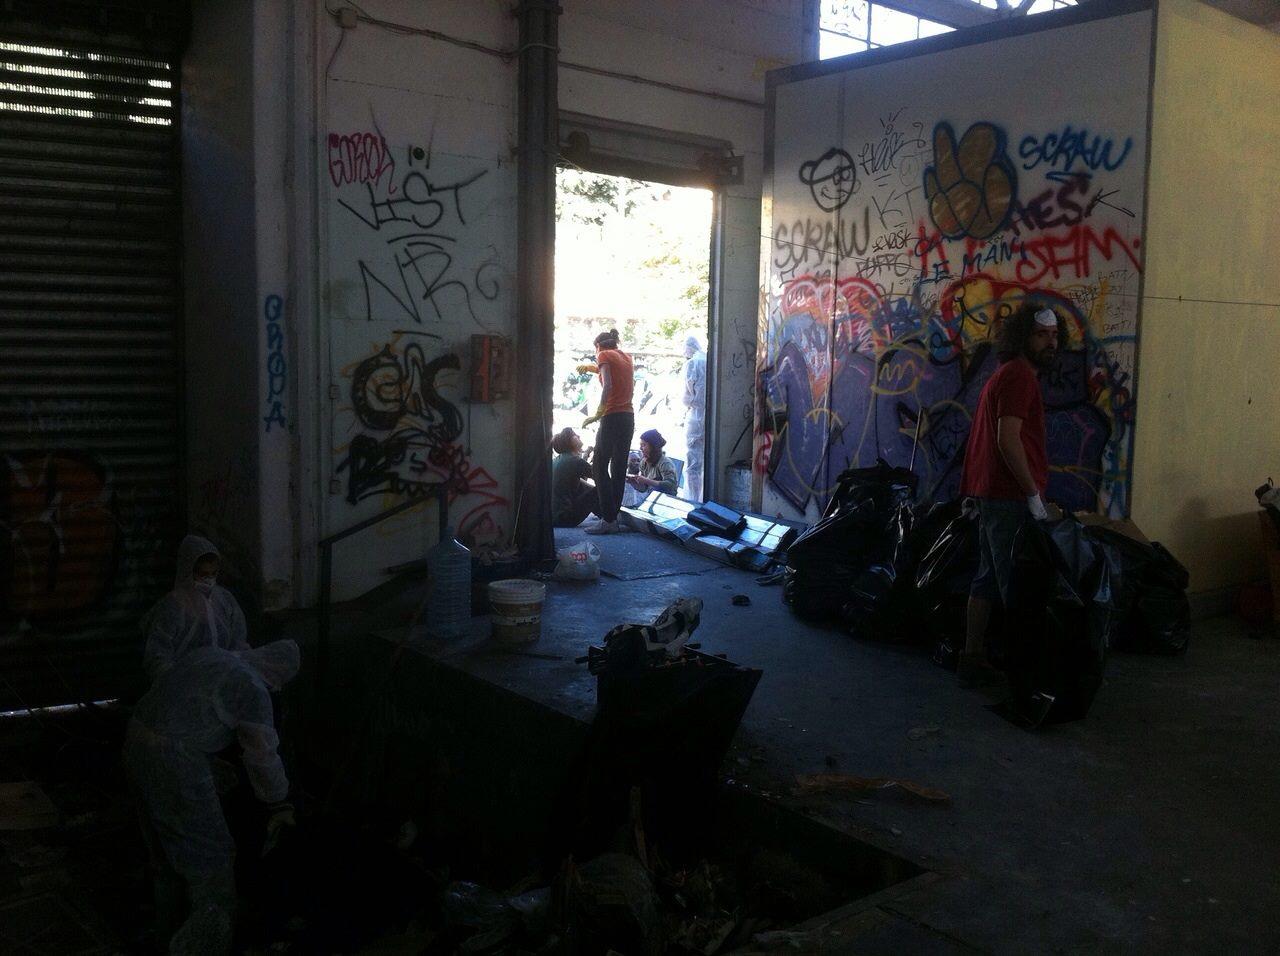 Scup, sgomberata la struttura: attivisti in corteo, occupato un altro stabile. Fantino: